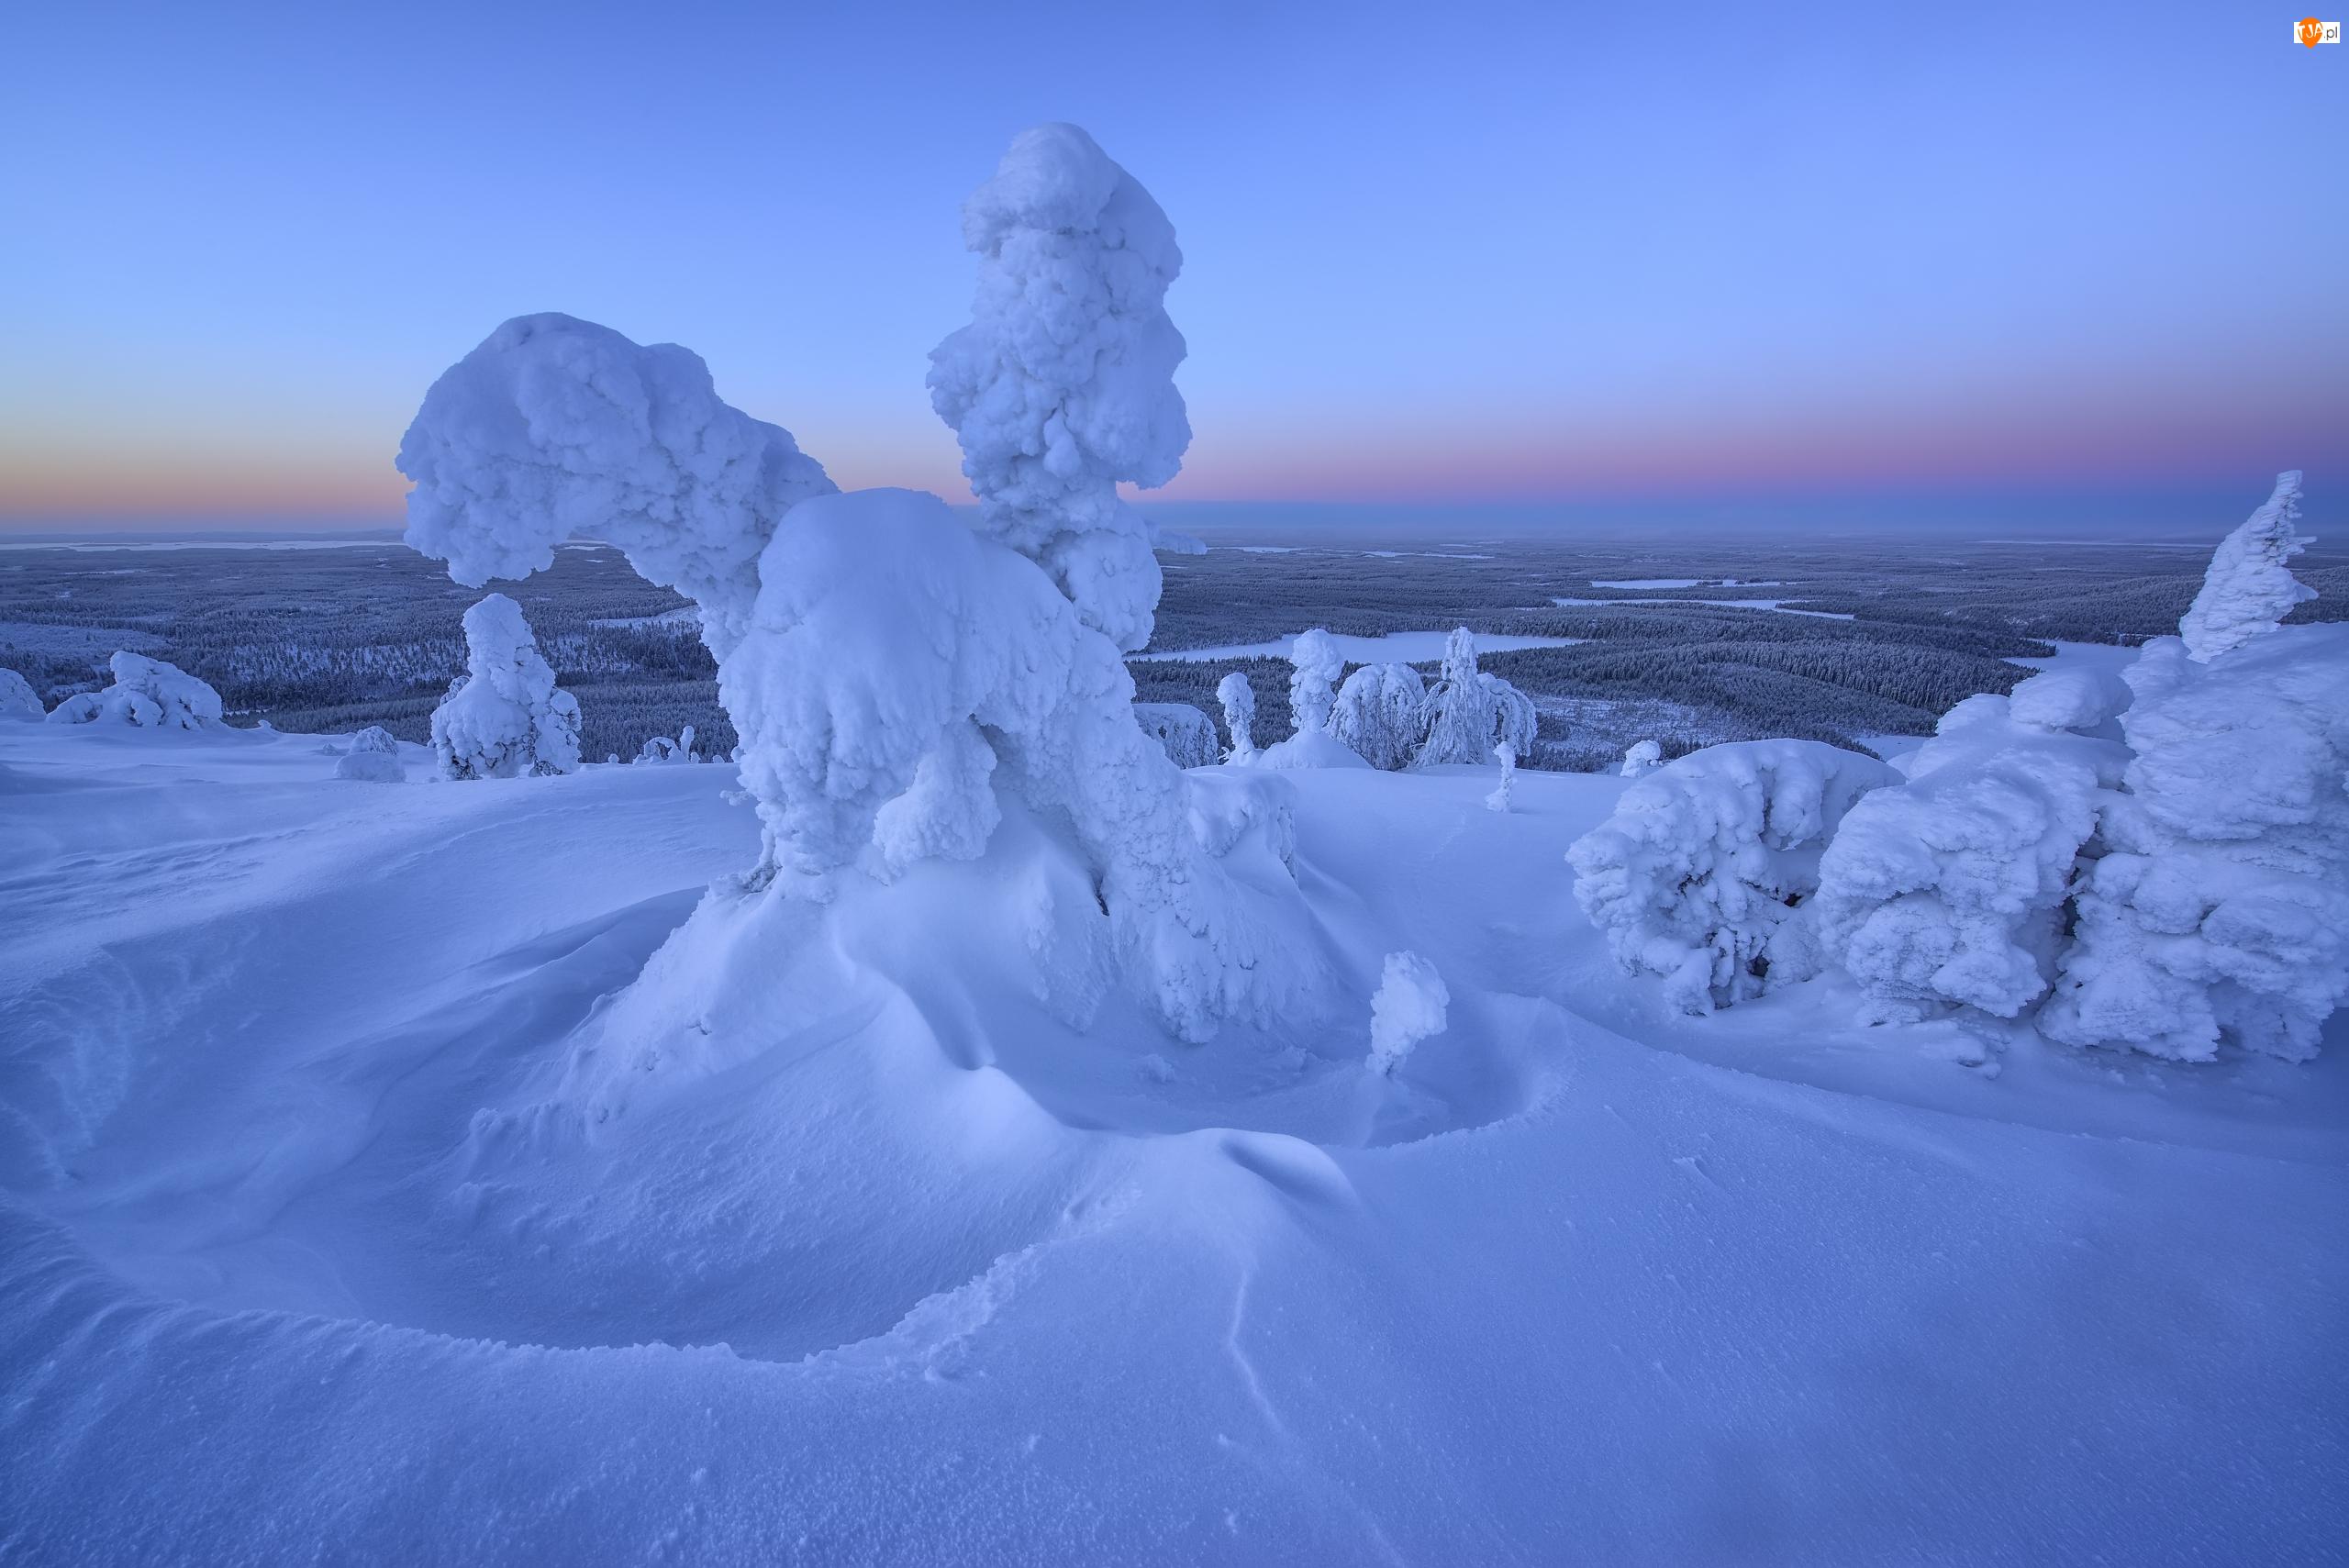 Rezerwat Valtavaara, Zima, Wschód słońca, Laponia, Drzewa, Wzgórze, Finlandia, Mgła